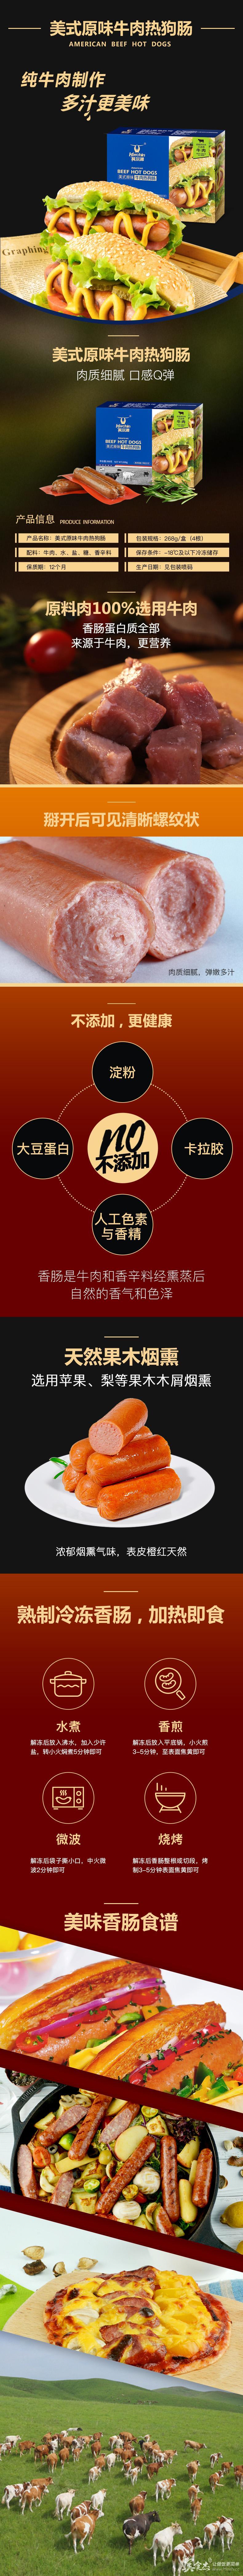 美式原味产品介绍图1.jpg